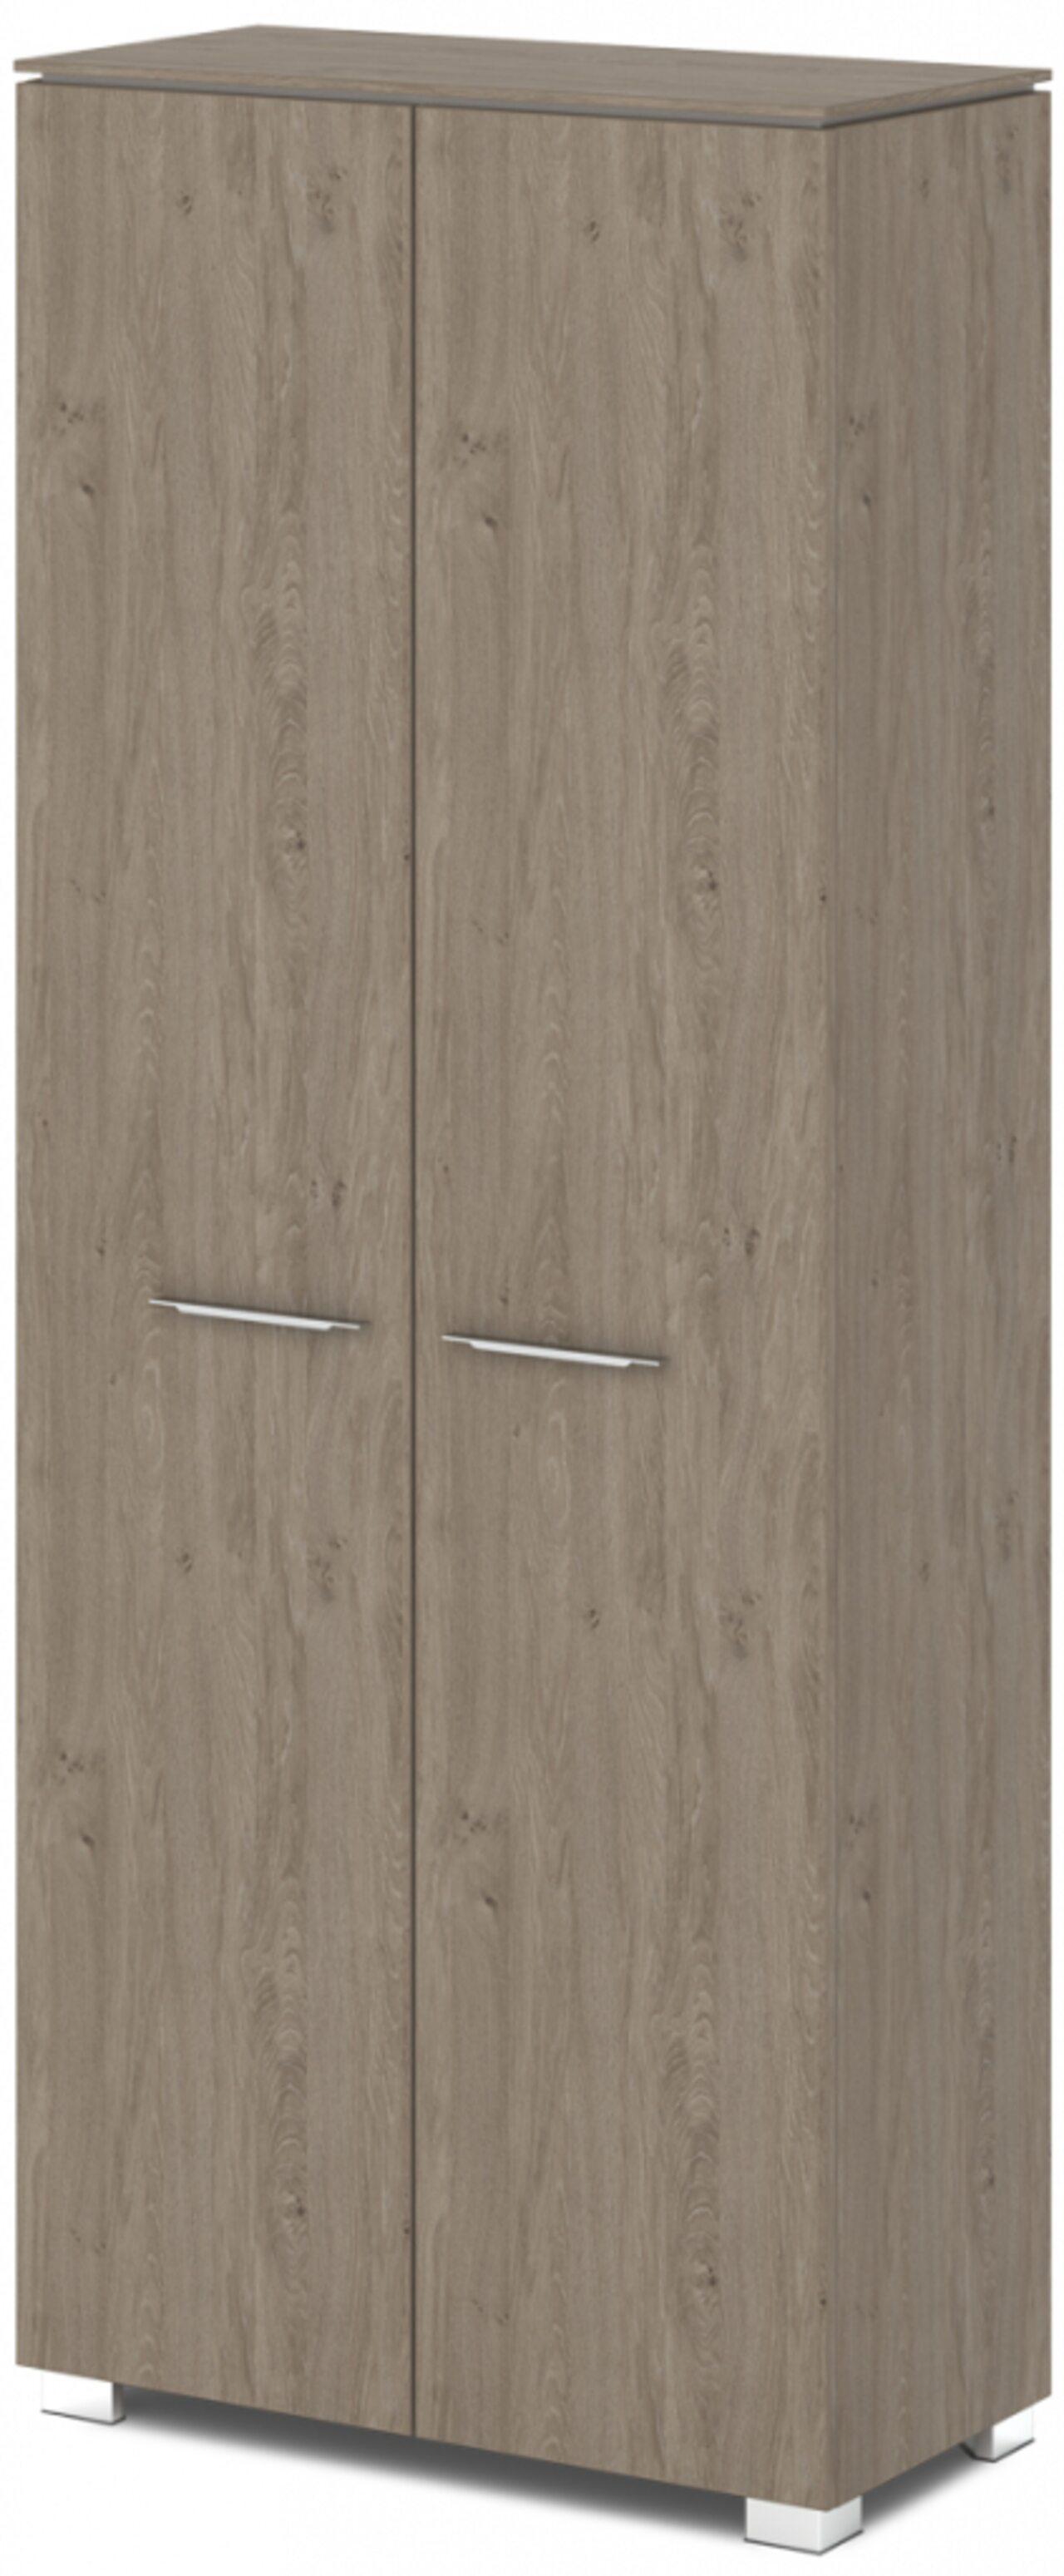 Шкаф для одежды комбинированный - фото 5